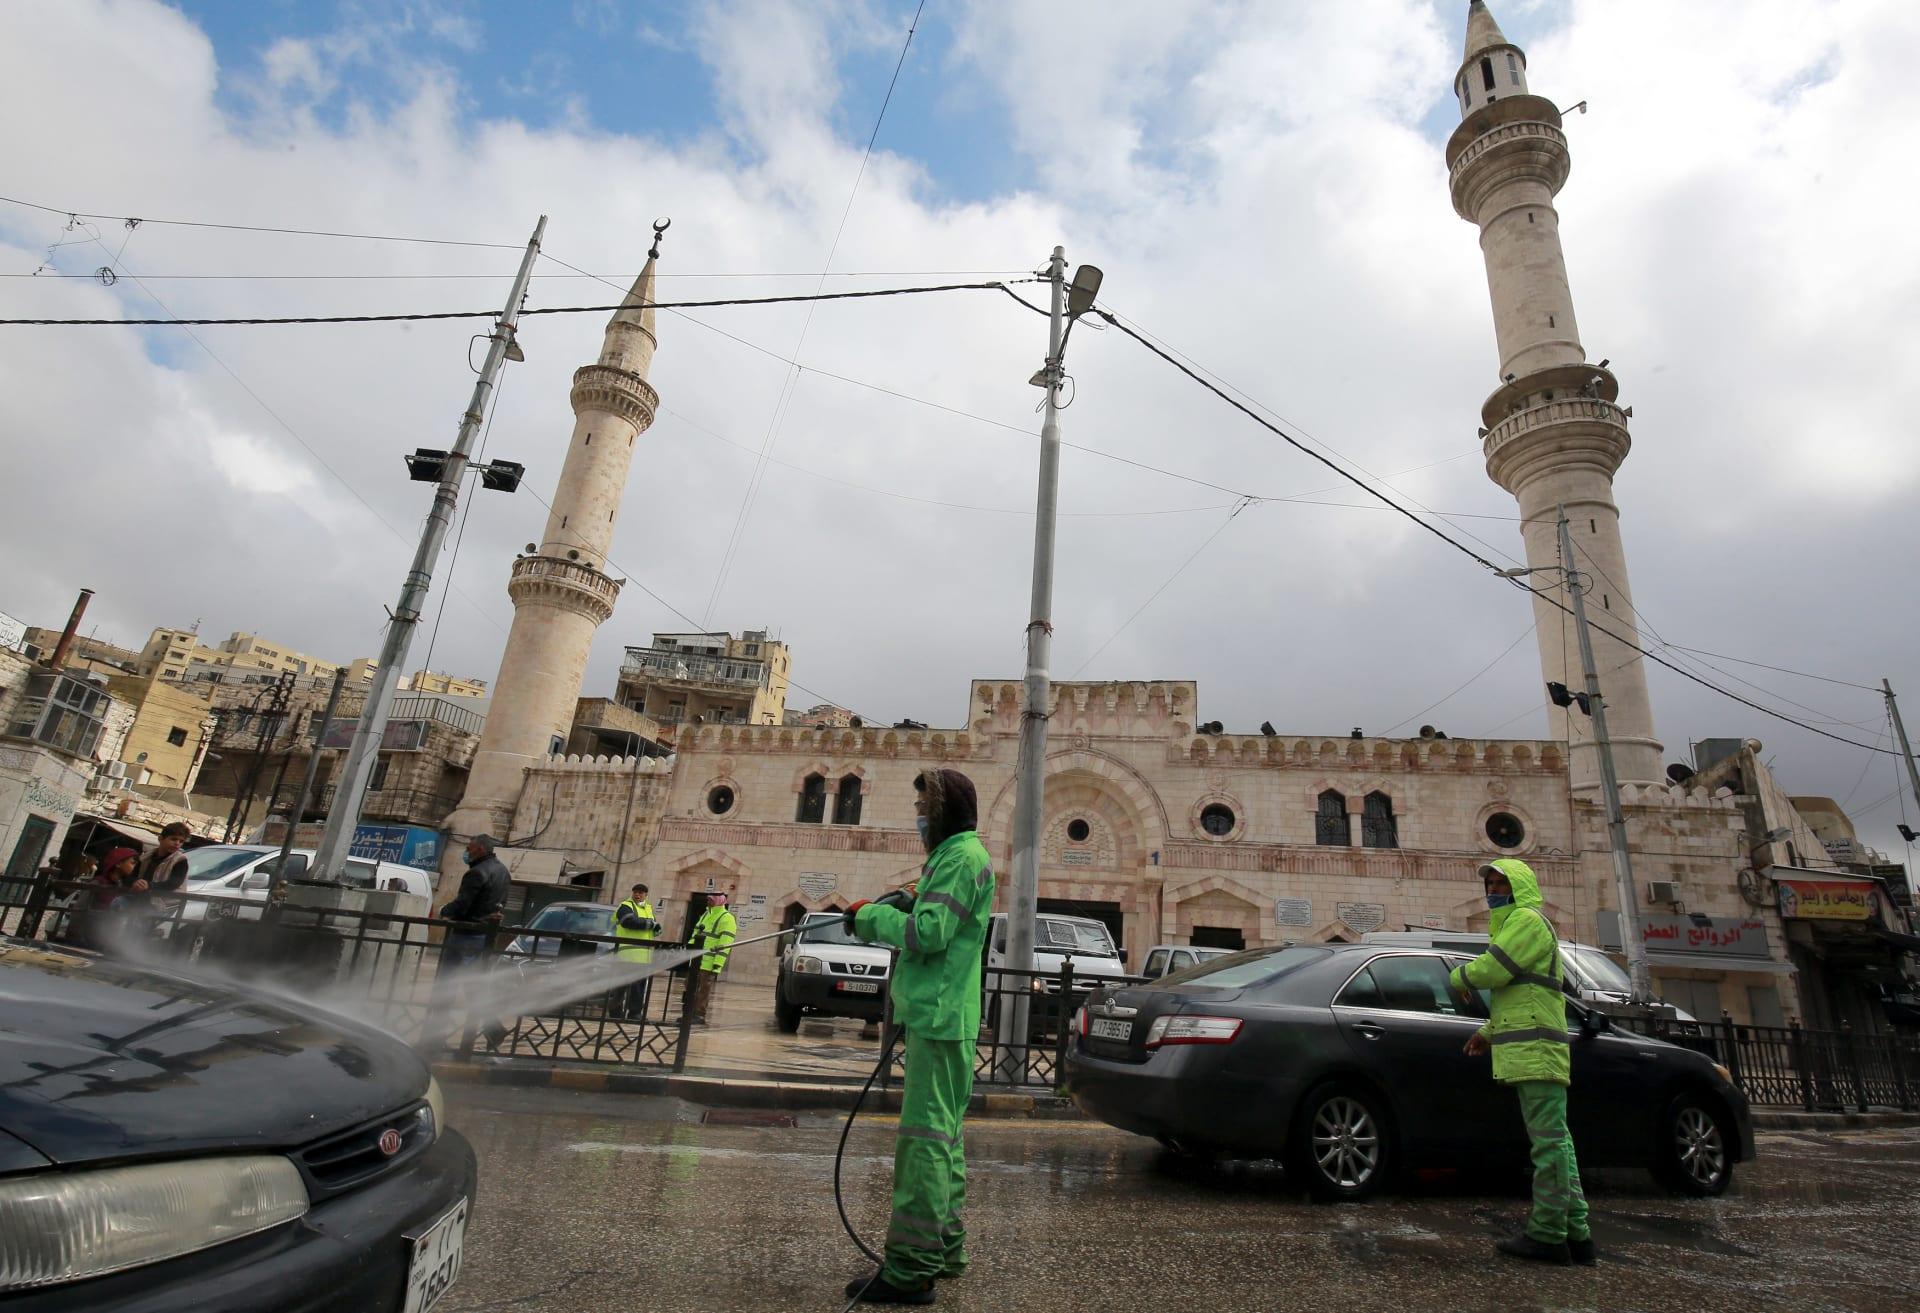 الأردن يسجل أعلى معدل يومي لإصابات كورونا بزيادة 3921 حالة